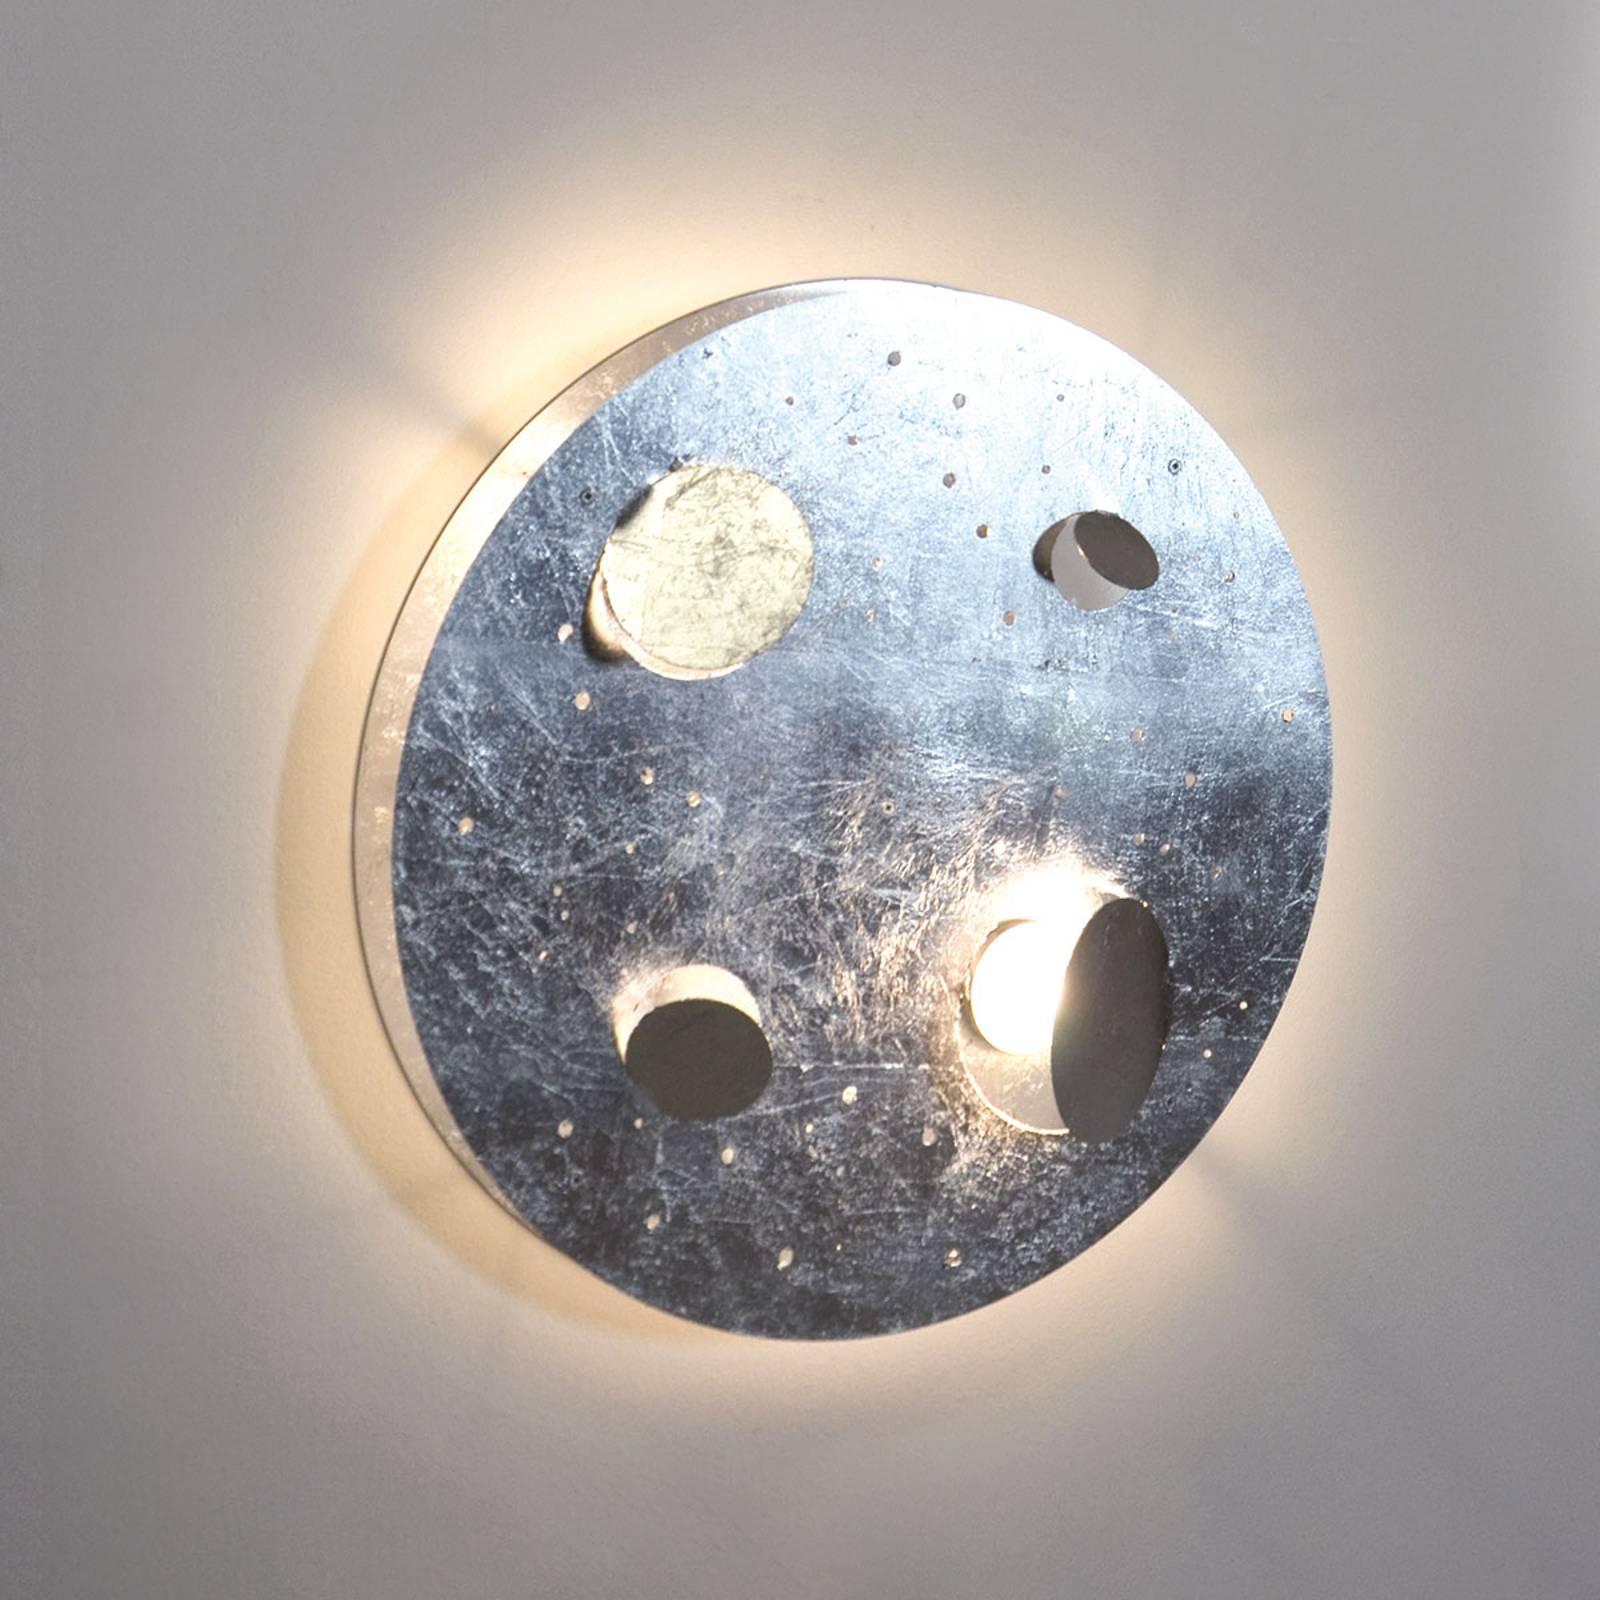 Knikerboker Buchi -LED-seinävalaisin lehtihopea